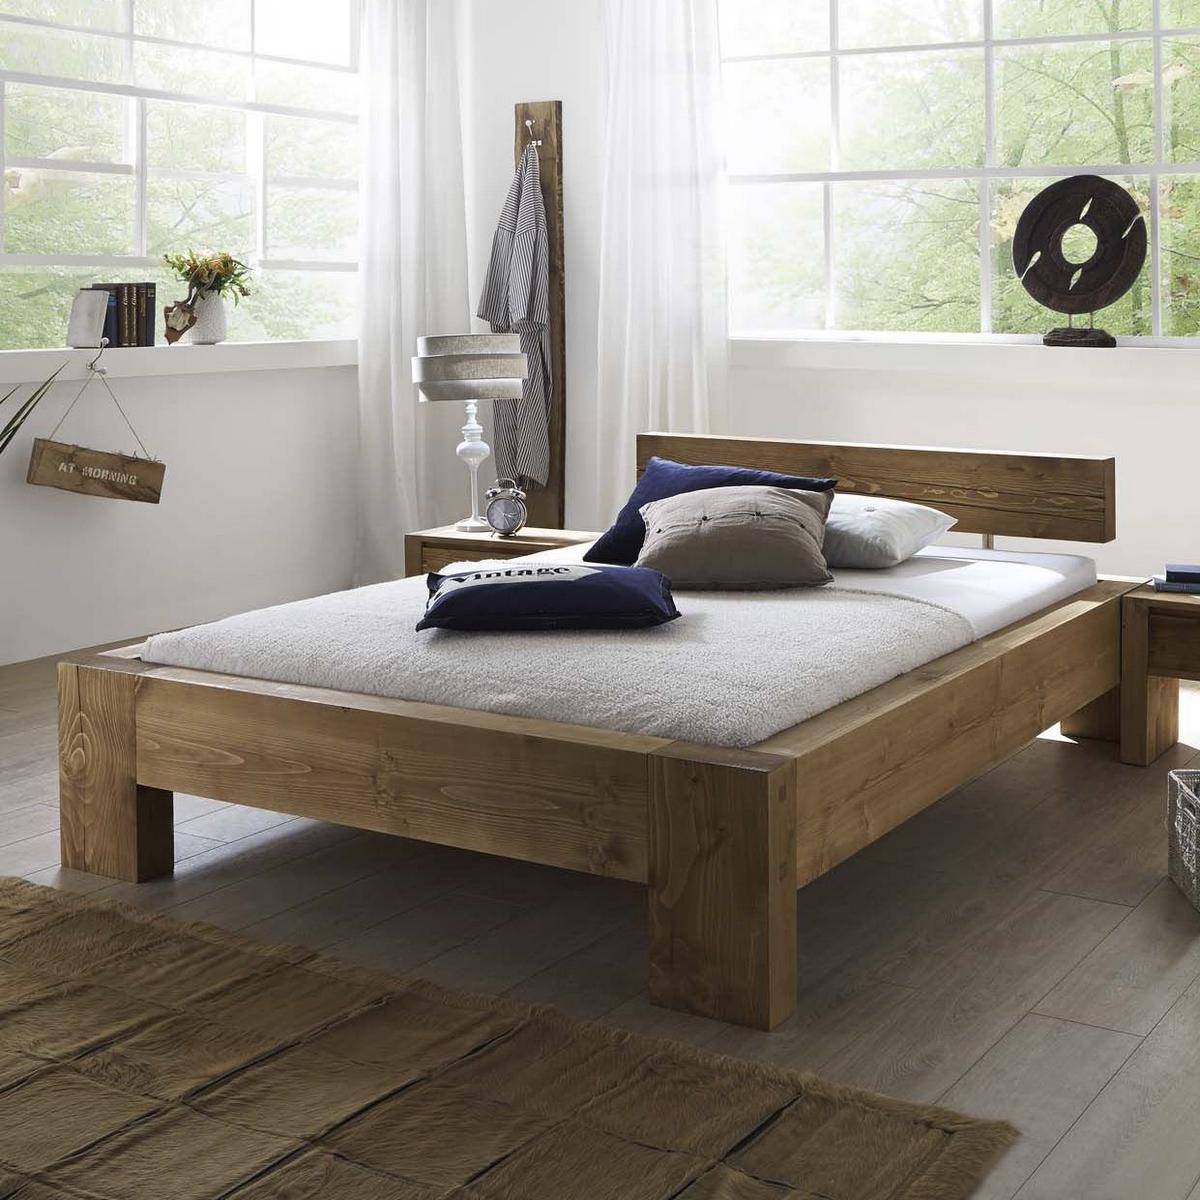 Кровать, выполненная из деревянного бруса, станет отличным вариантом для детской комнаты